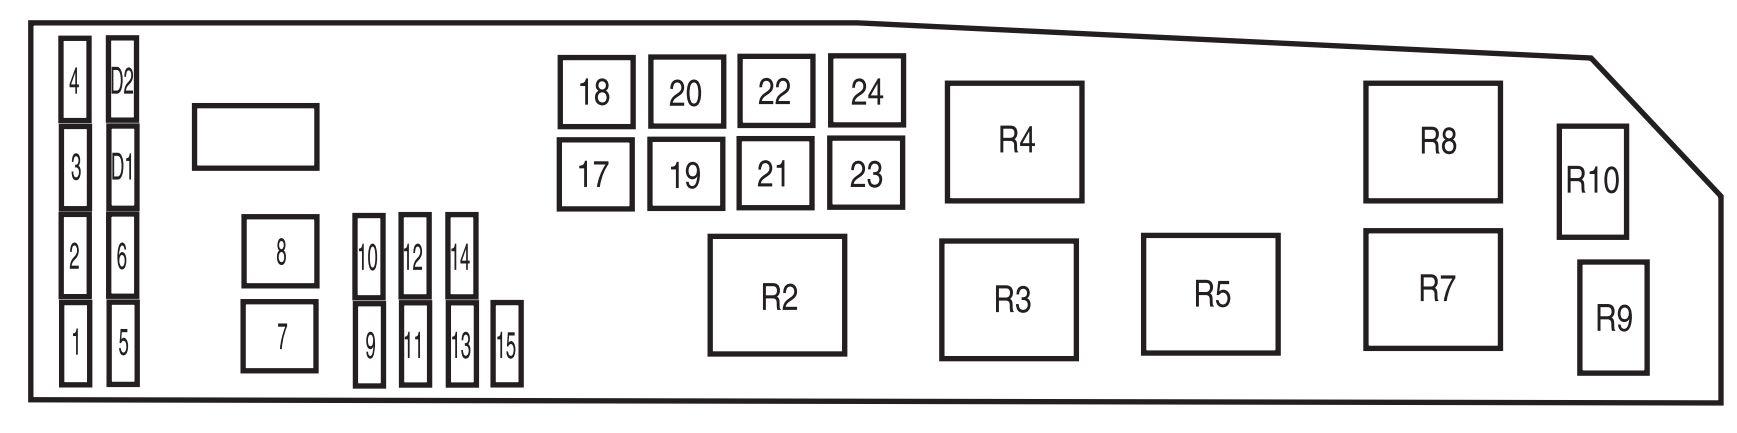 mazda fuse map diagram3 148x300 mazda tribute 2005 power 2002 Ford Ranger Fuse Box Diagram